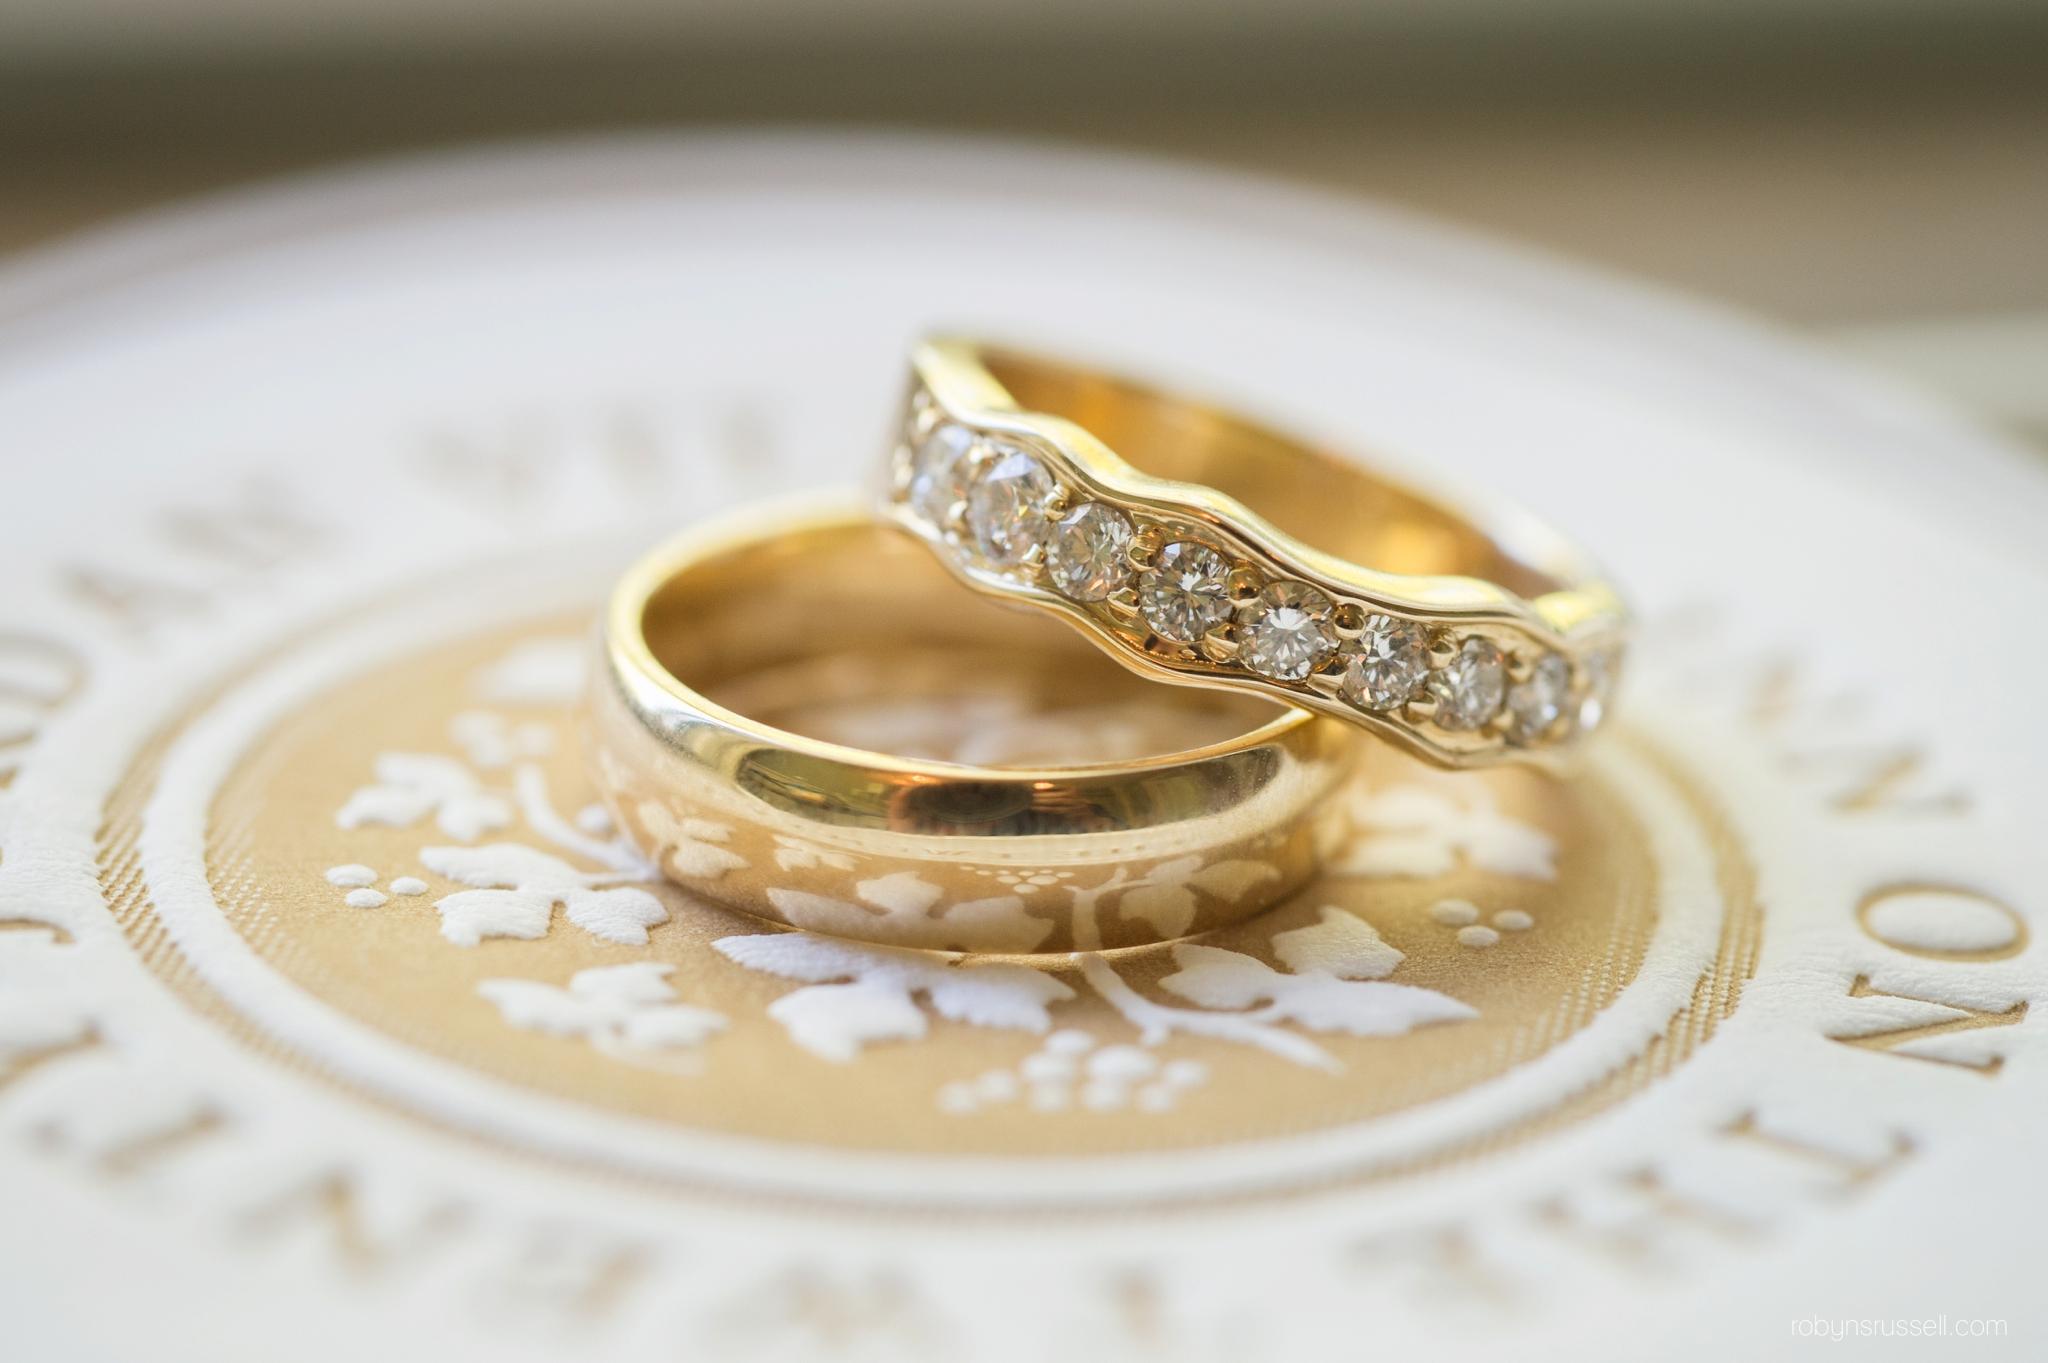 13-bride-and-groom-rings.jpg